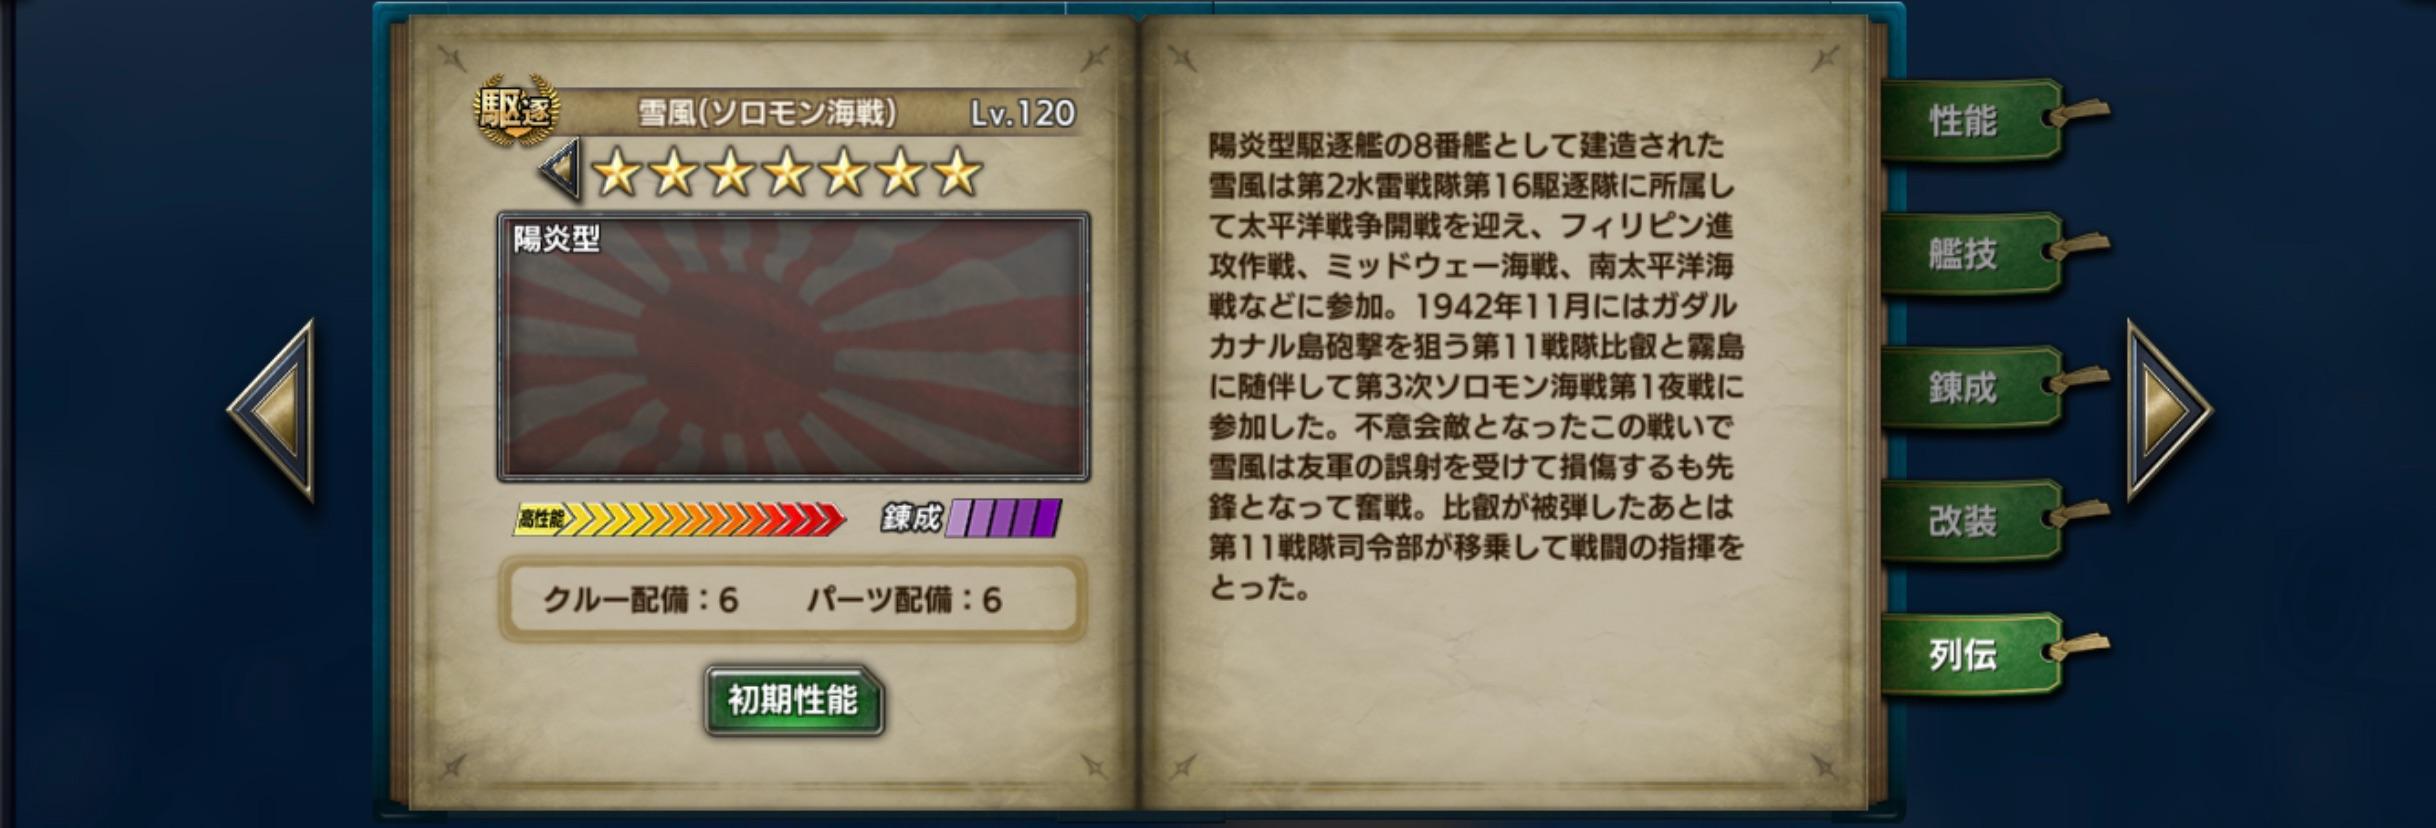 YukikazeS-history